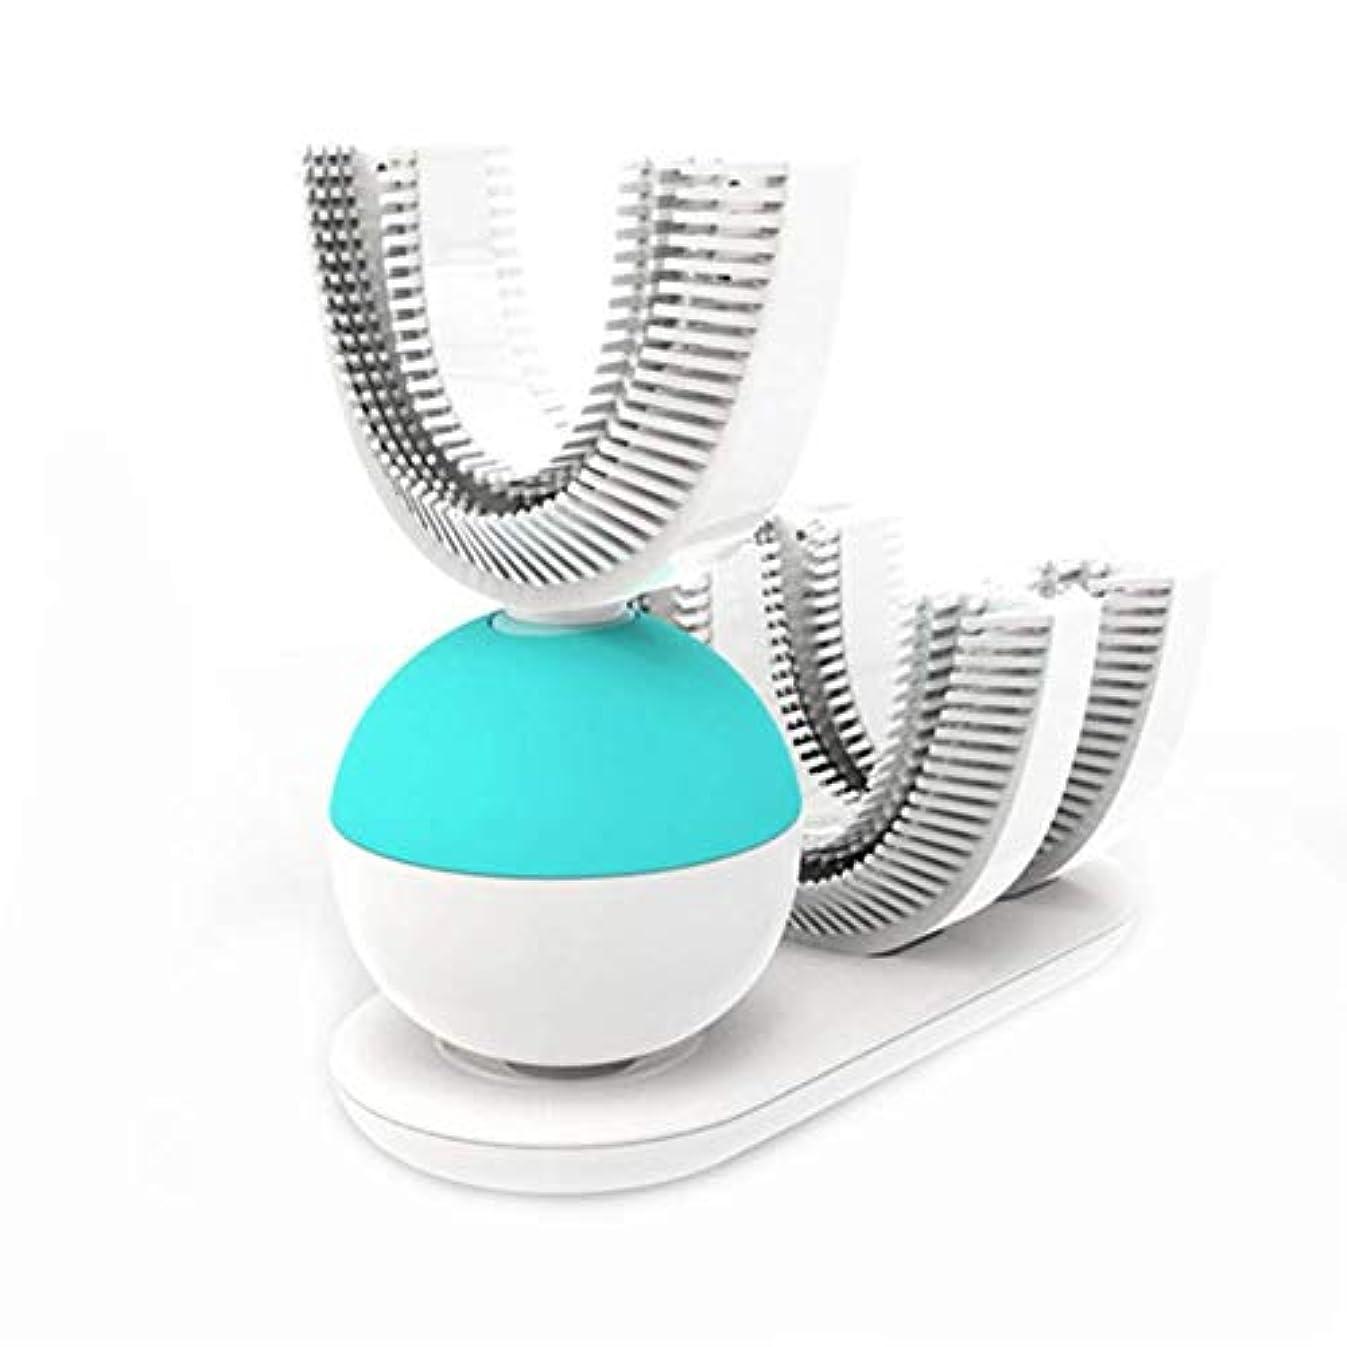 ホラー小競り合い耐える歯のホワイトニングキット敏感な歯、10分の急行結果、汚れリムーバー非感受性、口トレイ